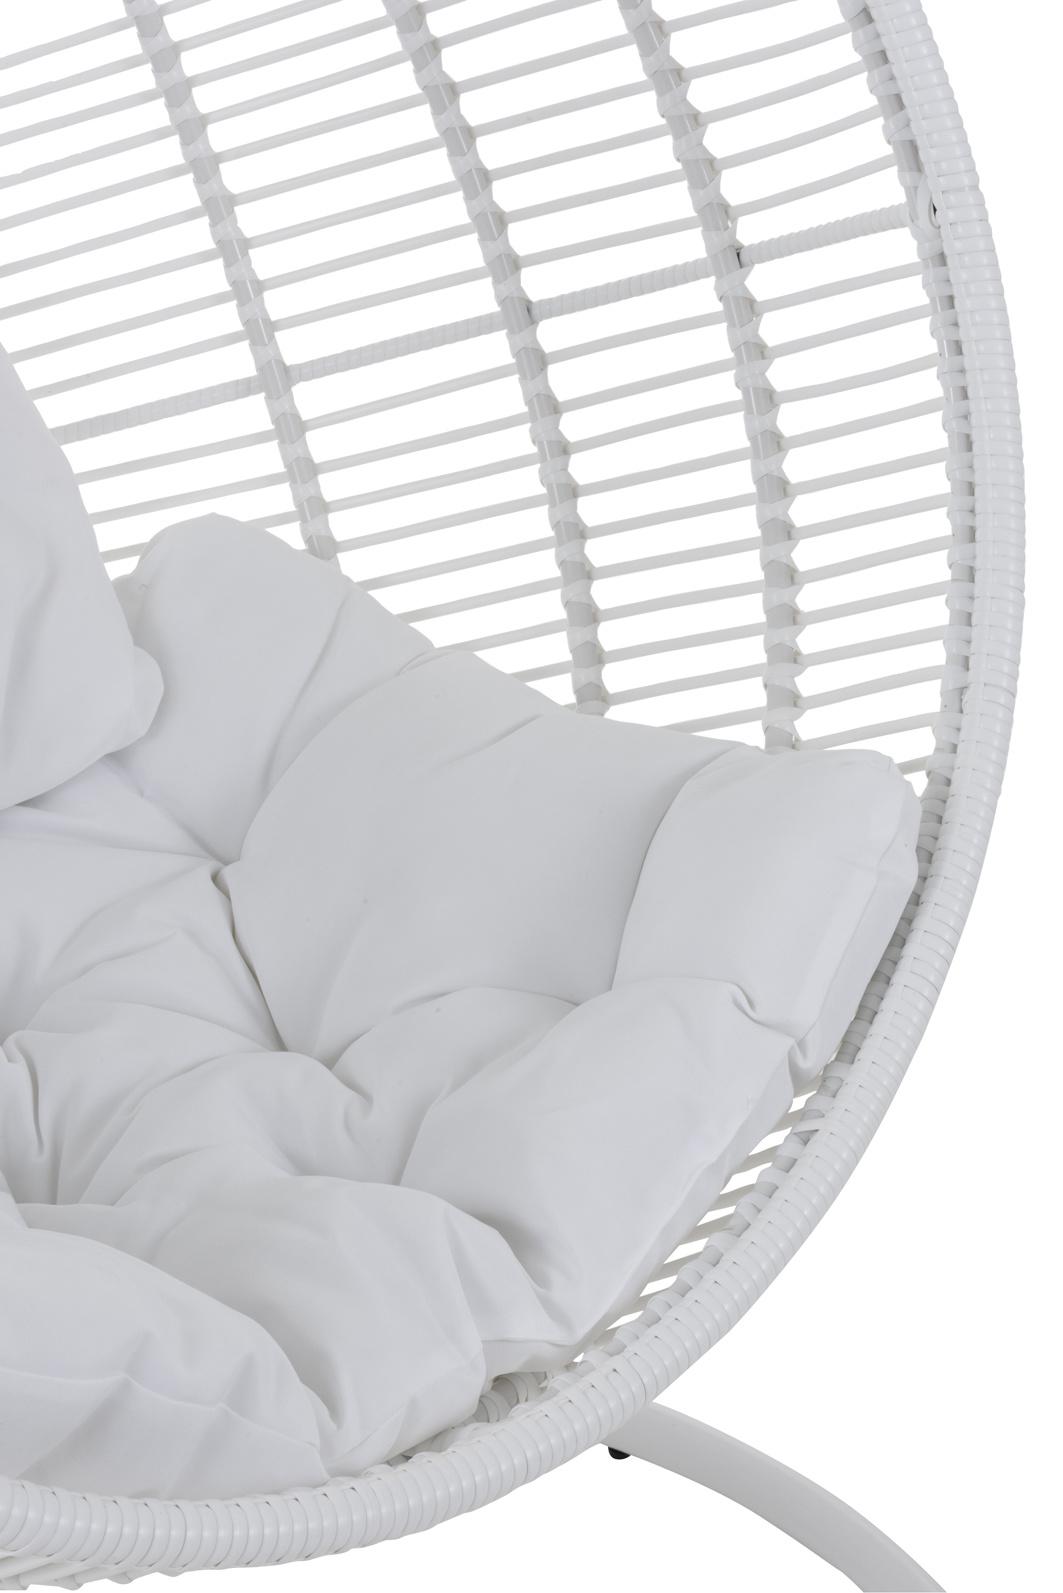 Duverger Garden - Hang fauteuil - bol vormig - wit - staal - kussens